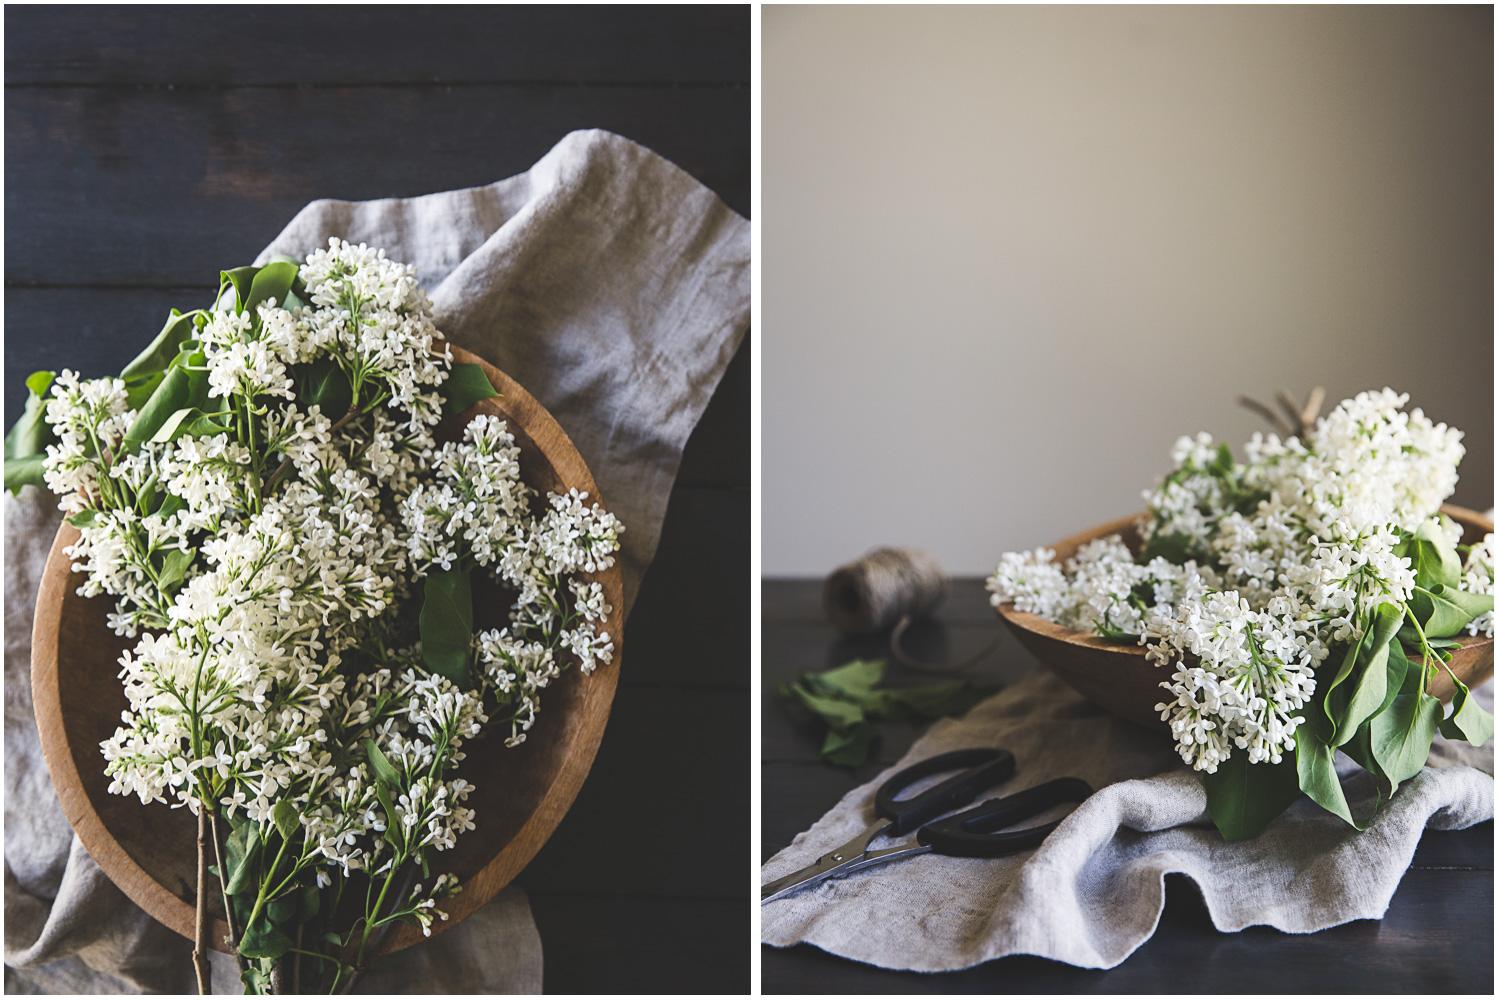 Bragg_Kate_Spring_17_Blossoms4.jpg